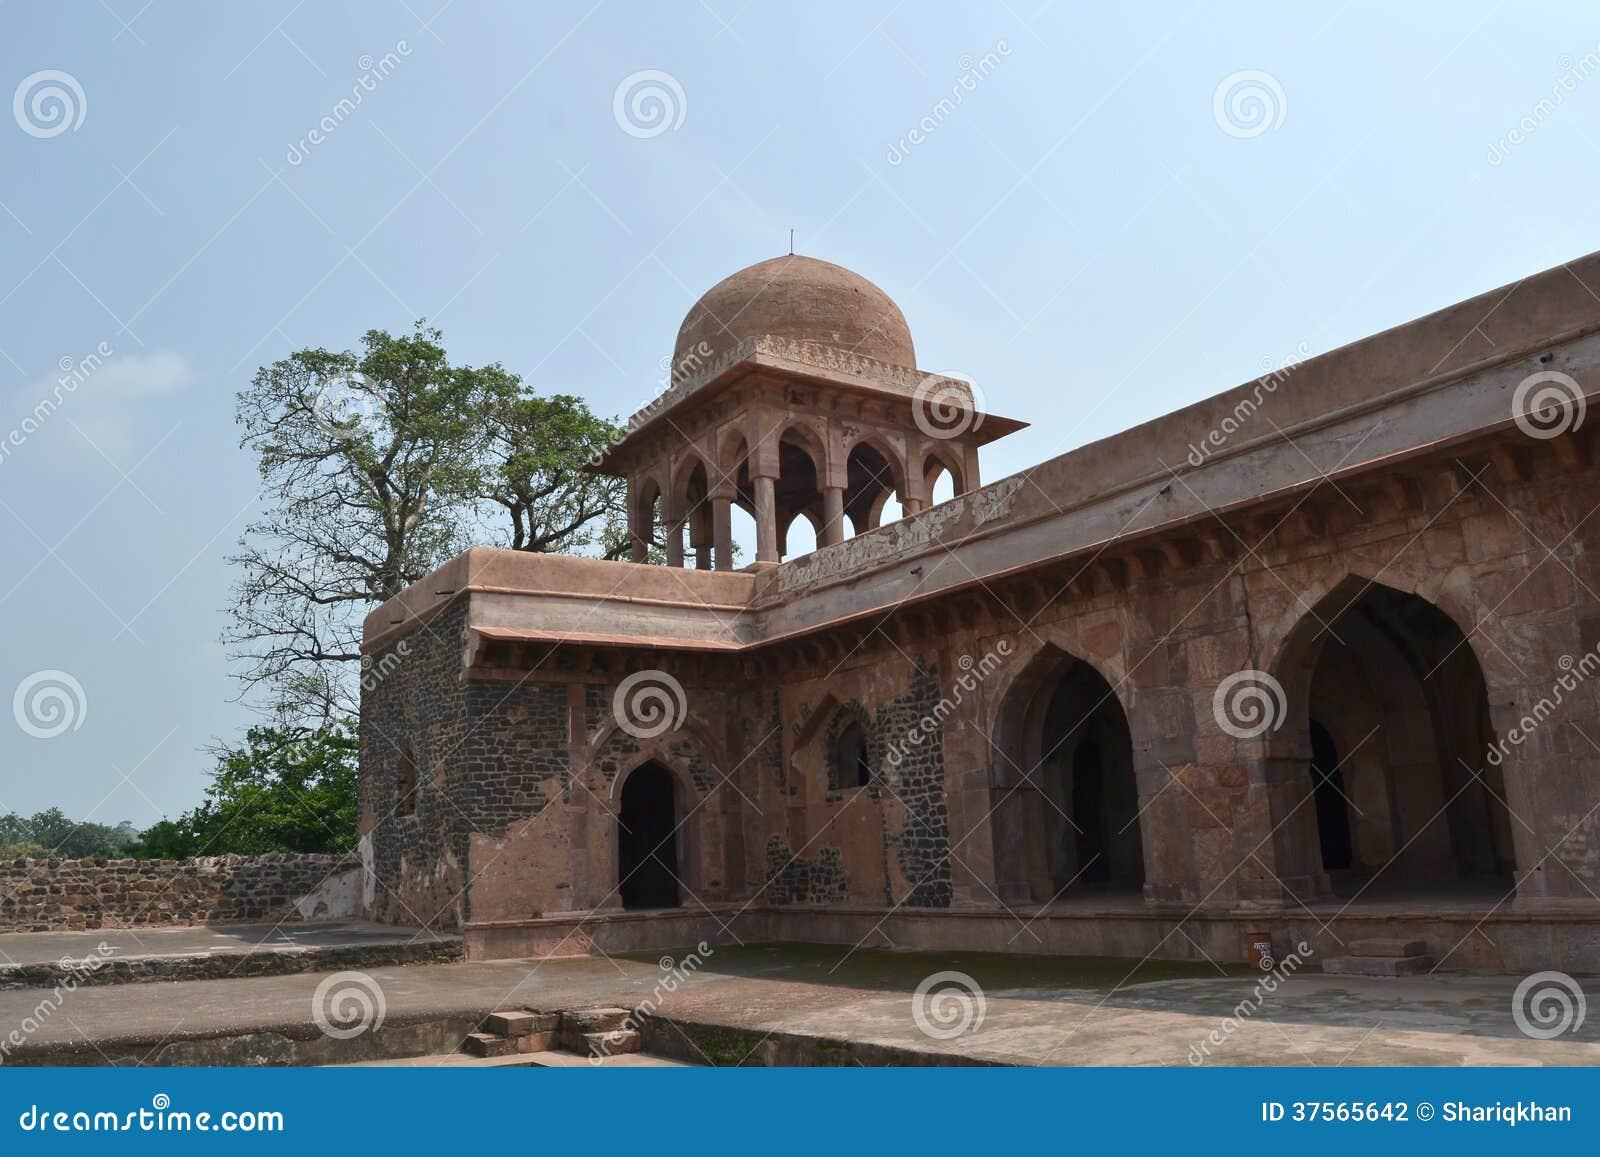 Ancient Indian Architecture Baz Bahadur Palce Stock Photo